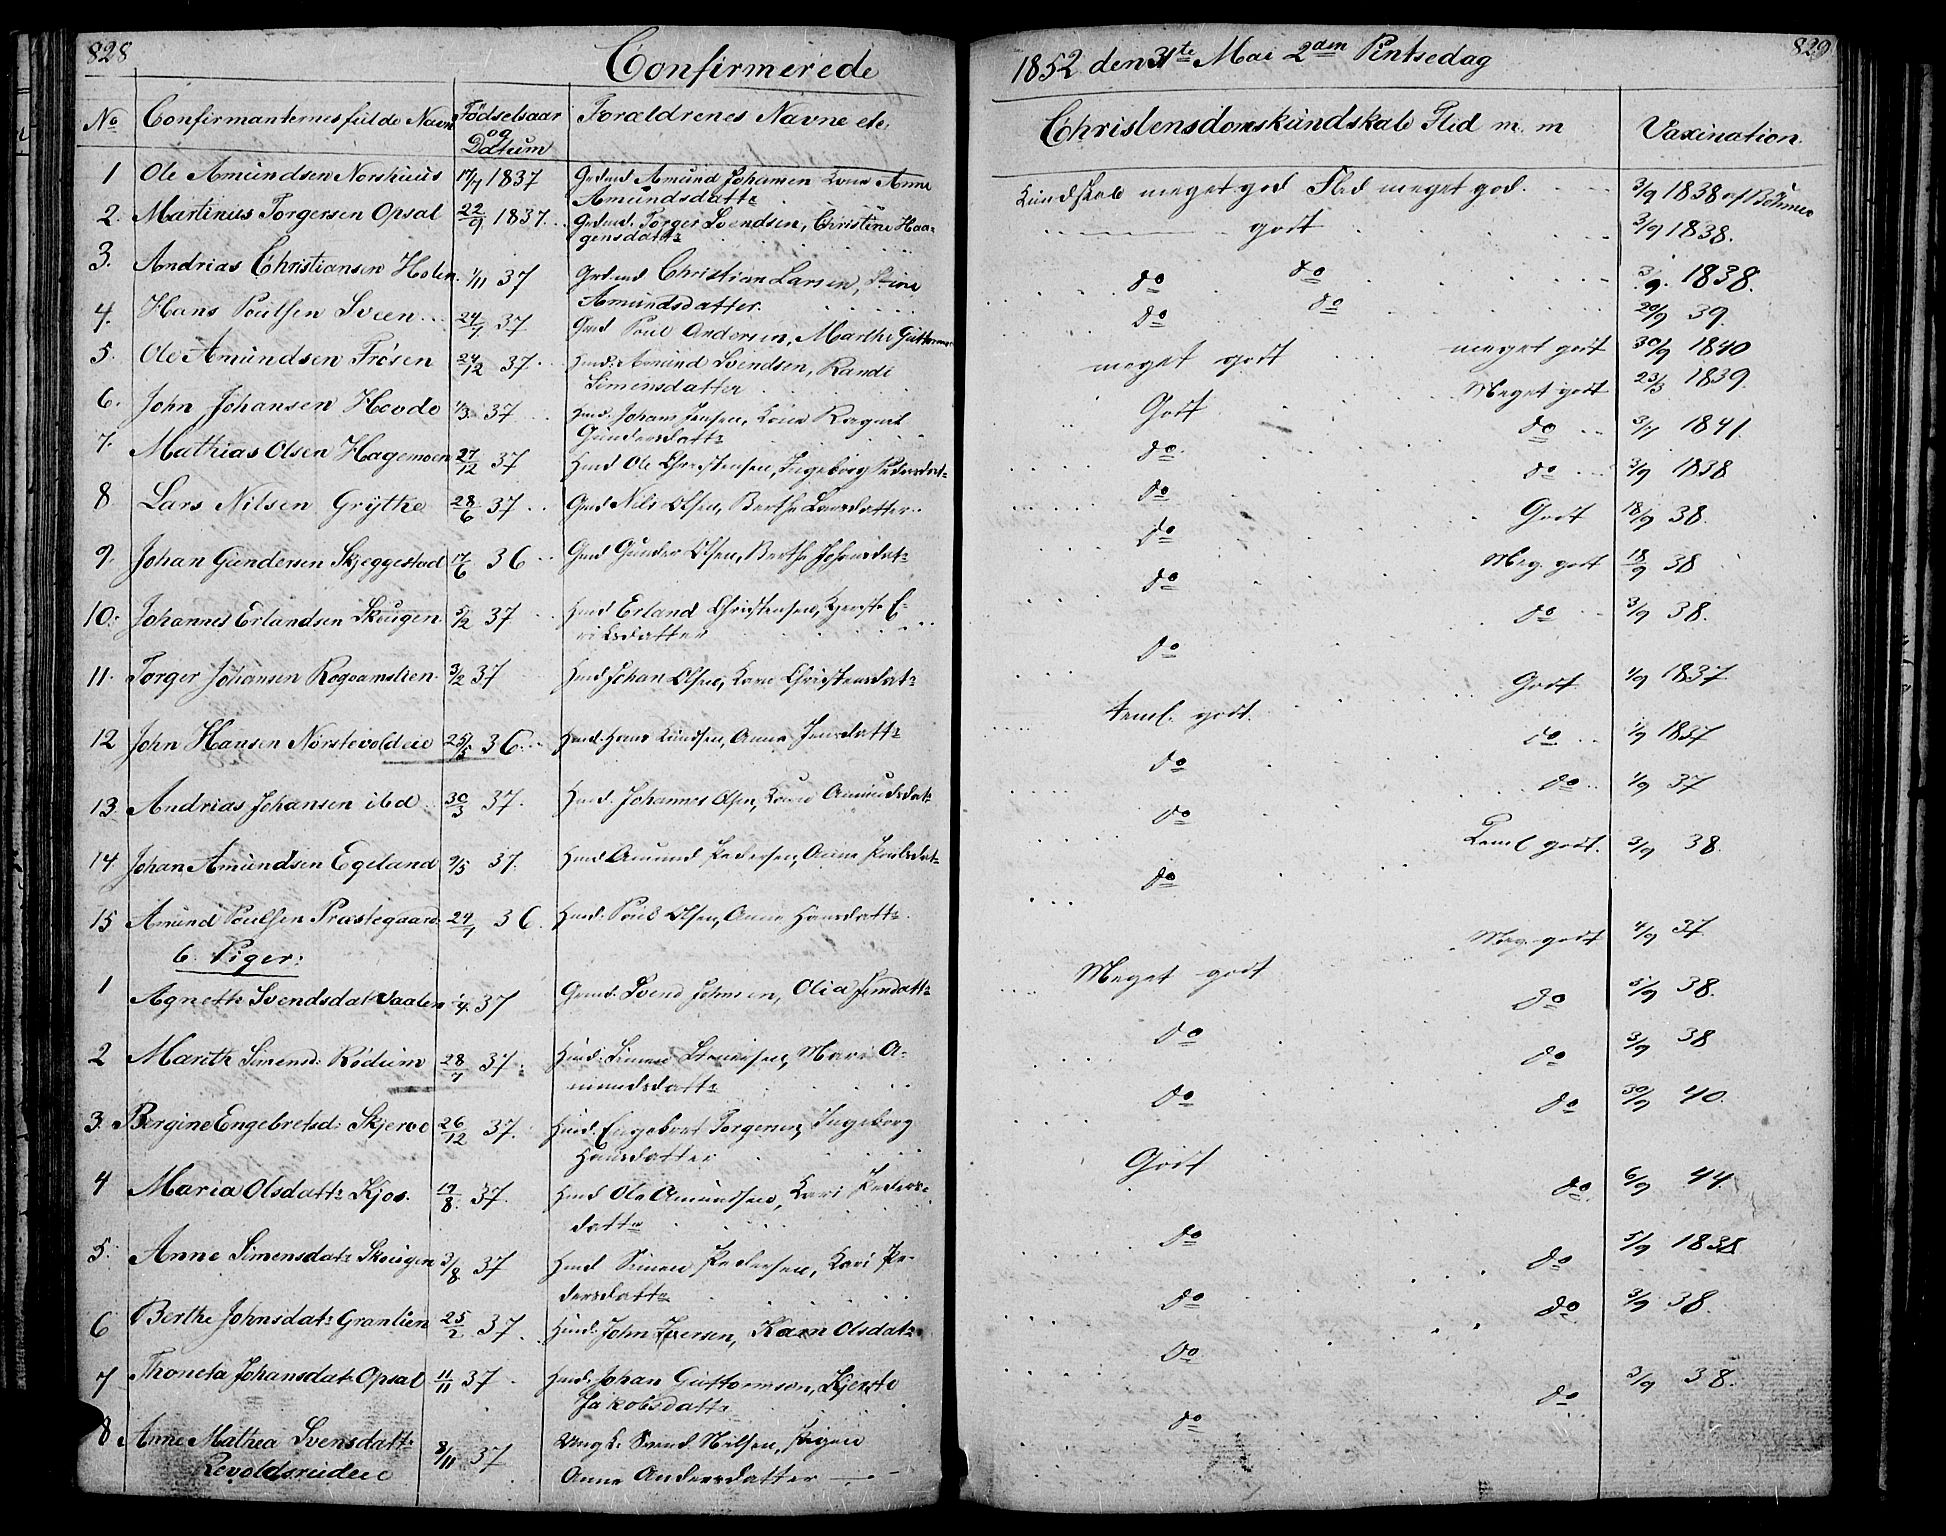 SAH, Gausdal prestekontor, Klokkerbok nr. 4, 1835-1870, s. 828-829